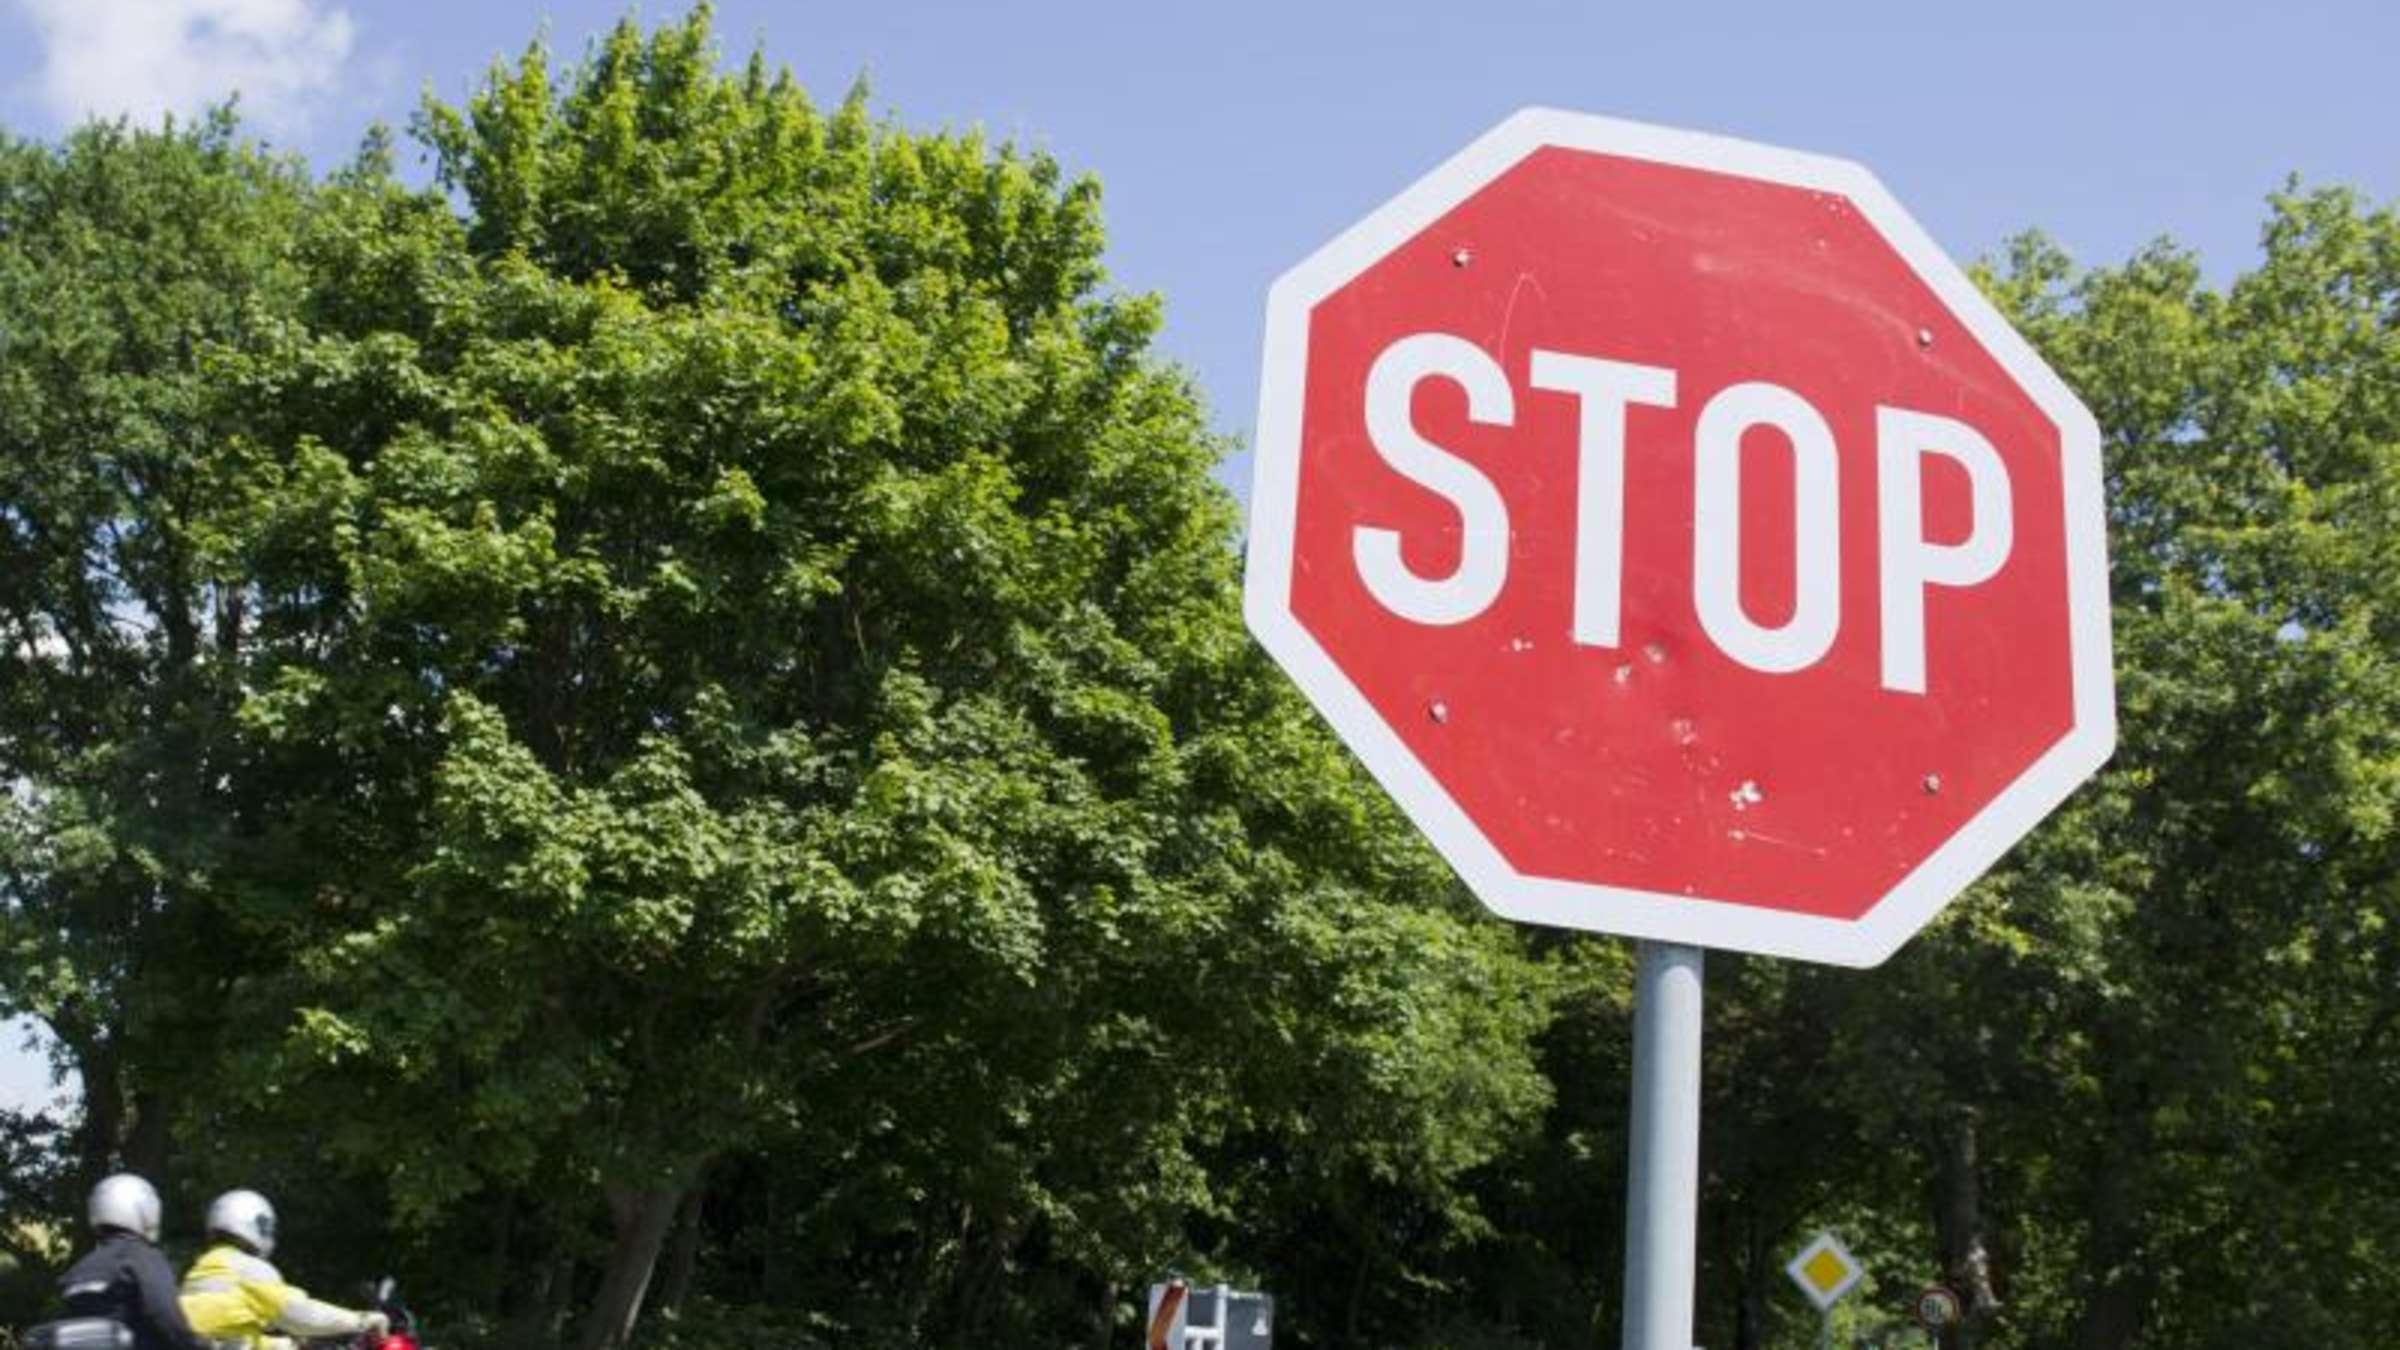 Wo Müssen Autofahrer Bei Einem Stoppschild Genau Halten? | Auto bestimmt für Welches Verhalten Ist Richtig Stoppschild